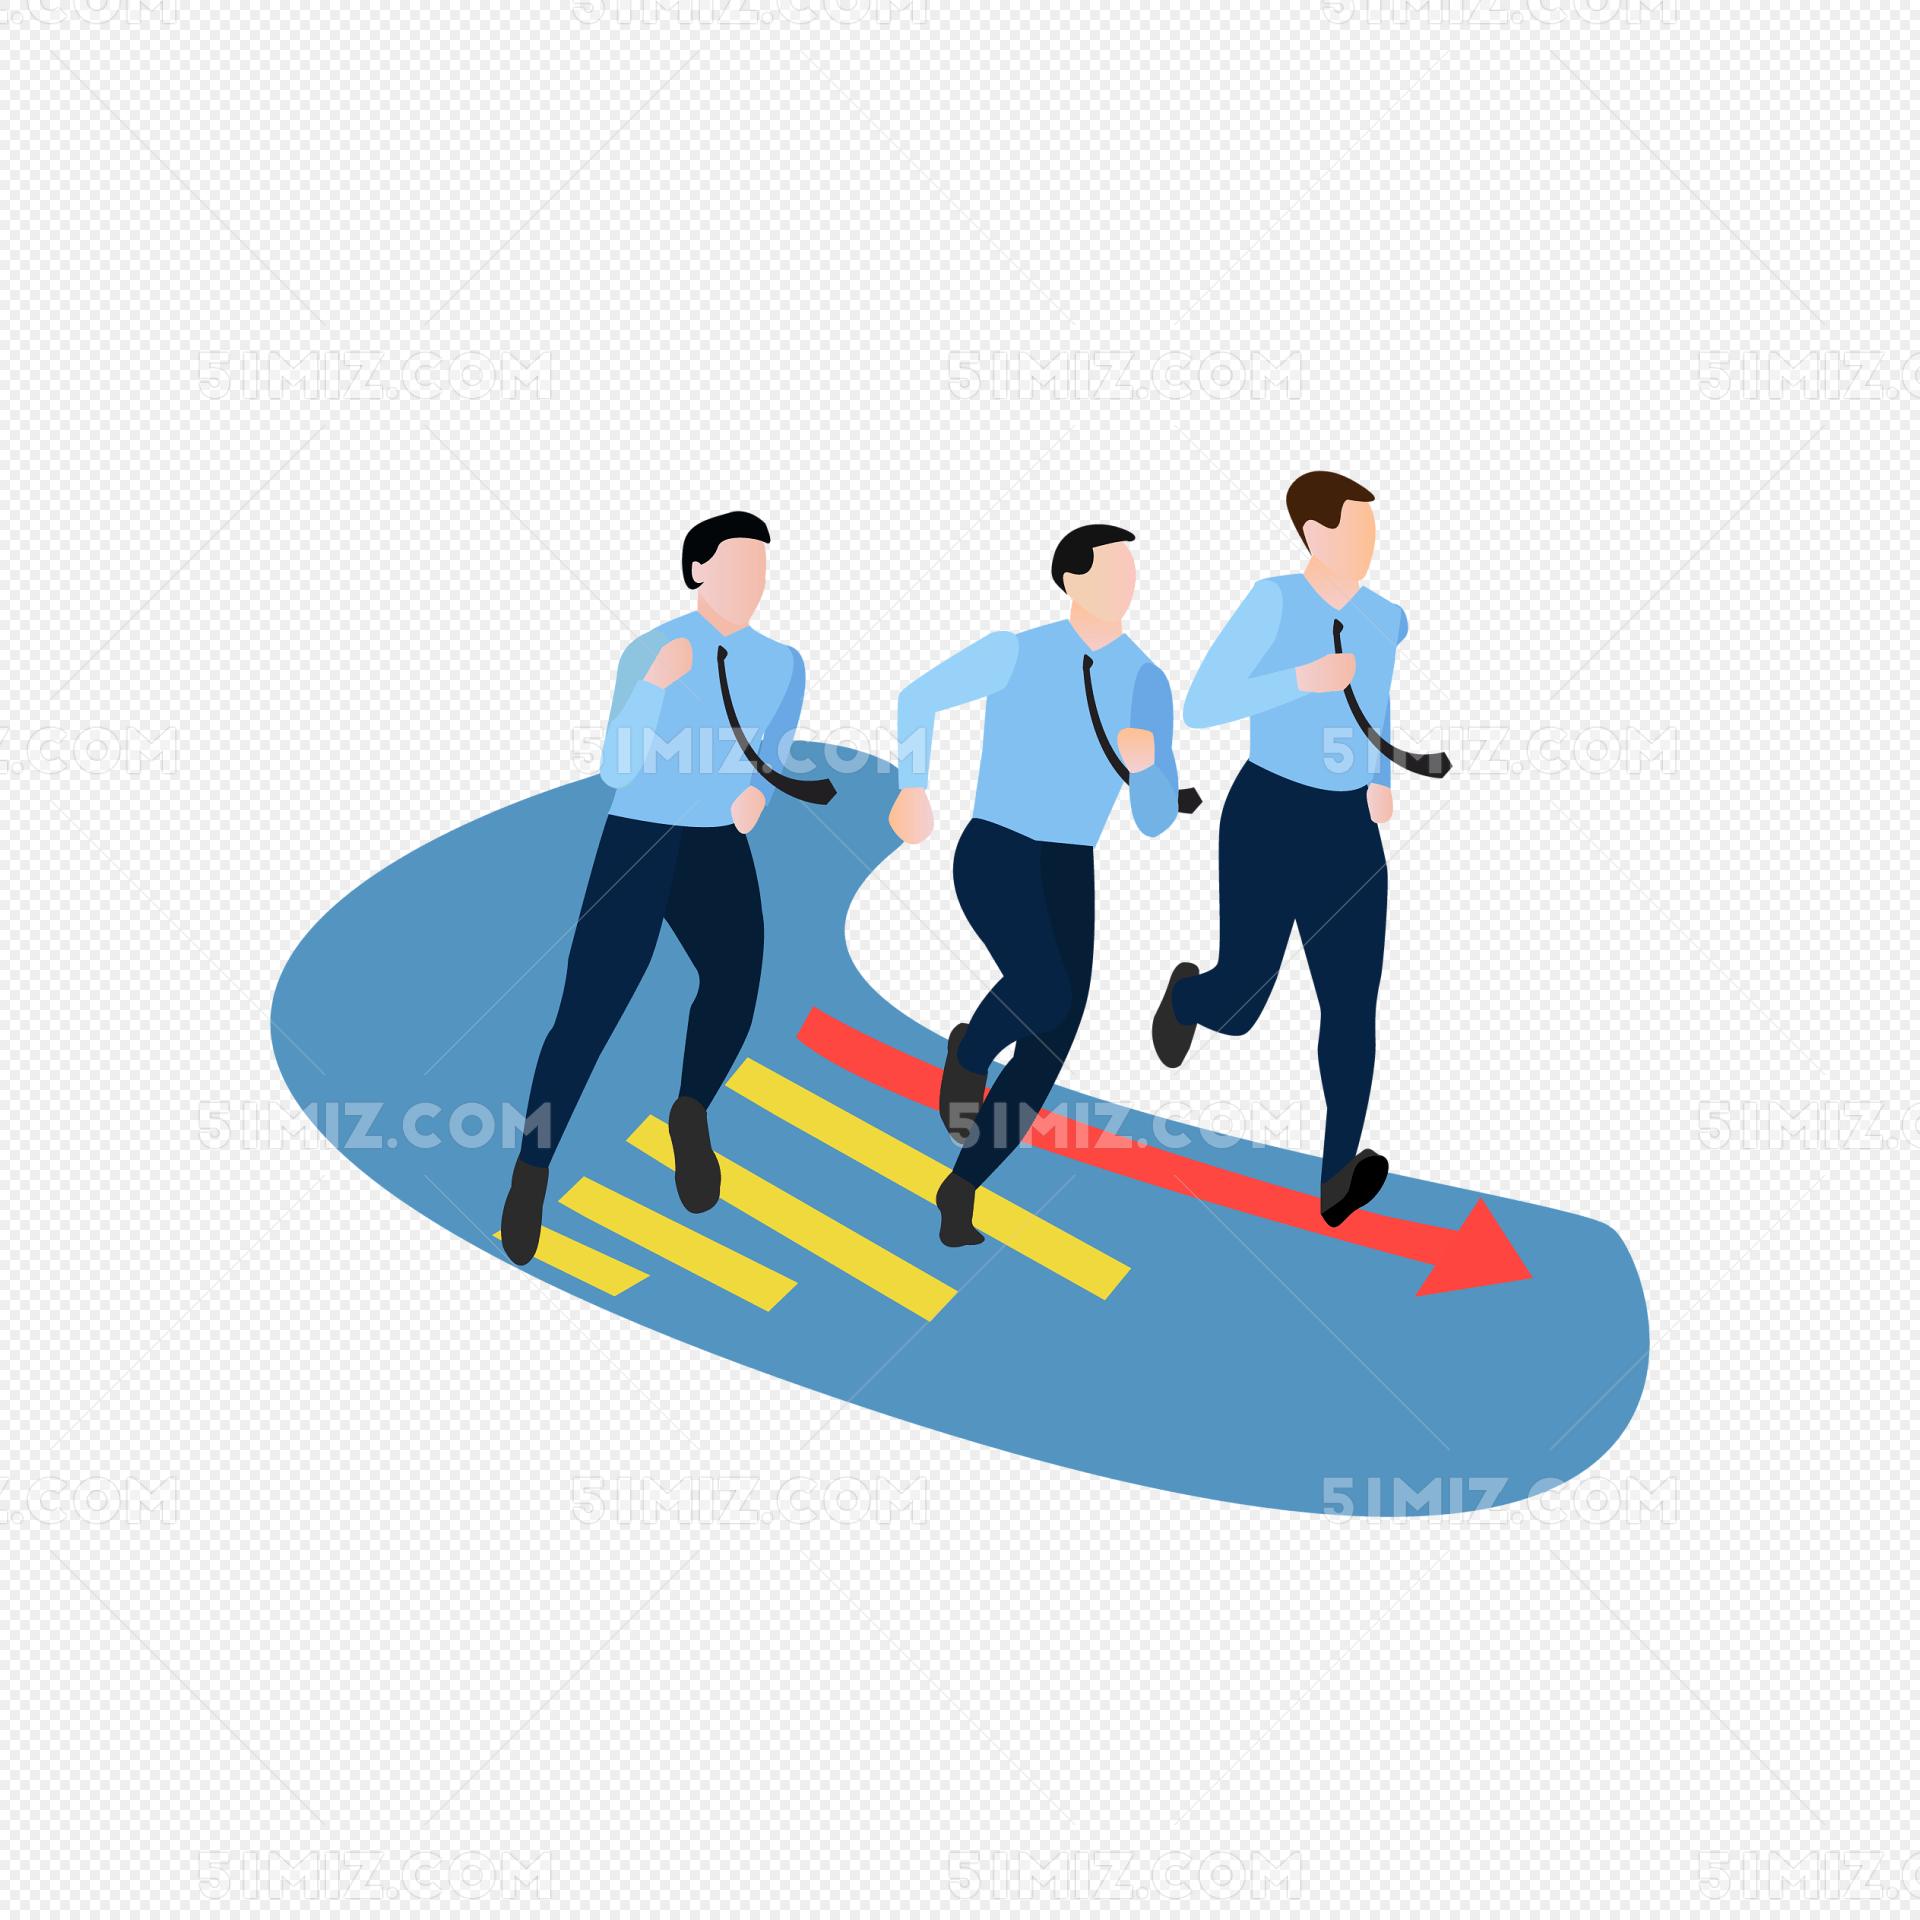 商务团队奋斗拼搏矢量素材